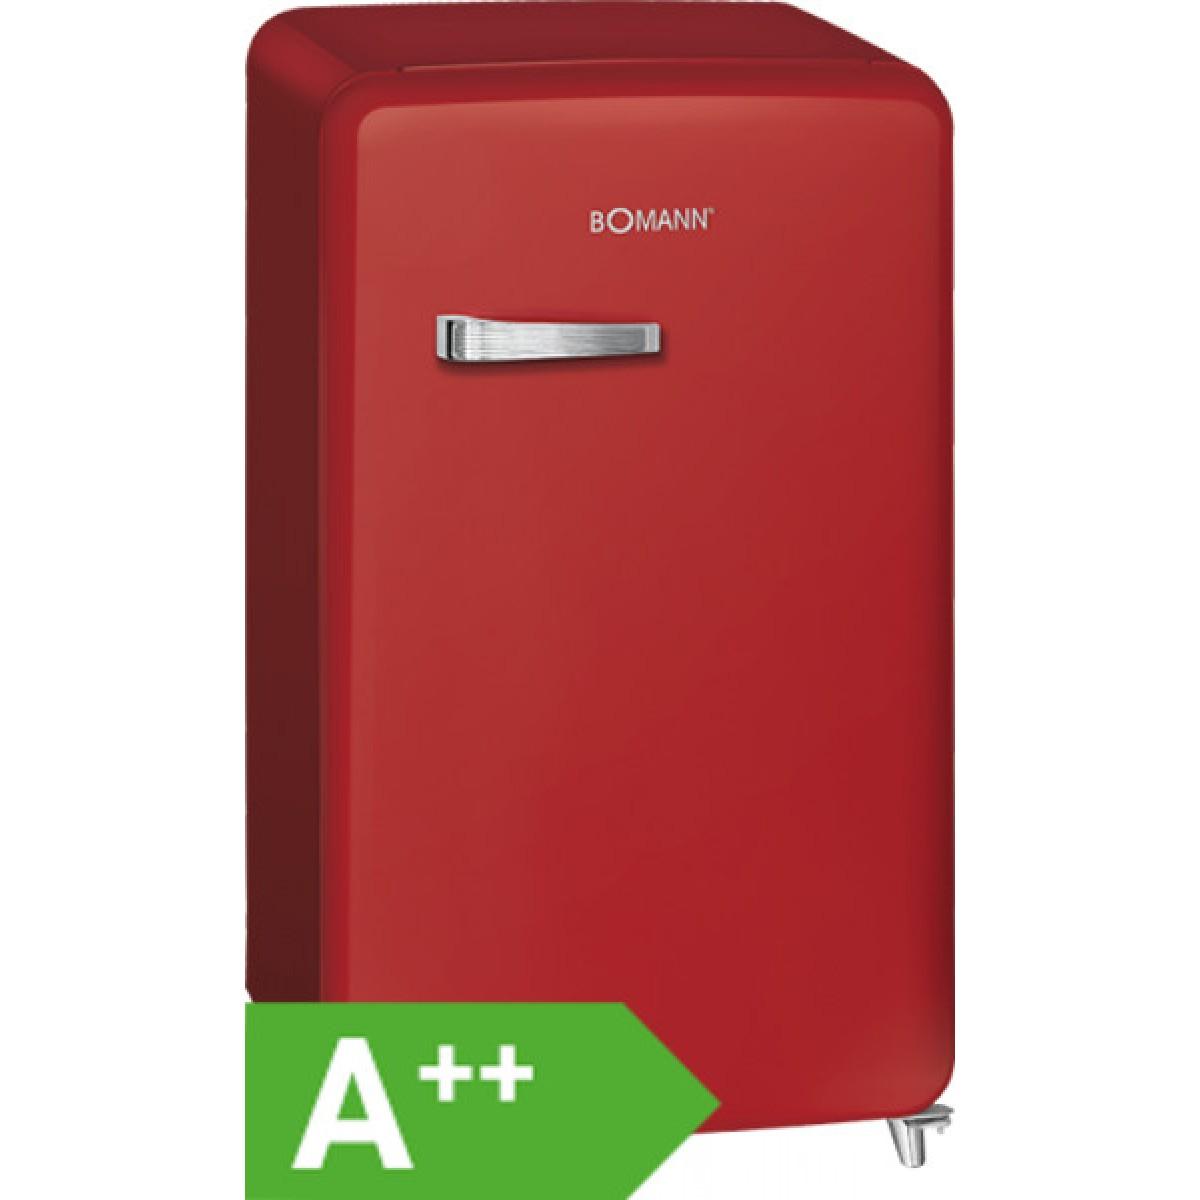 Bomann KSR 350 Rot